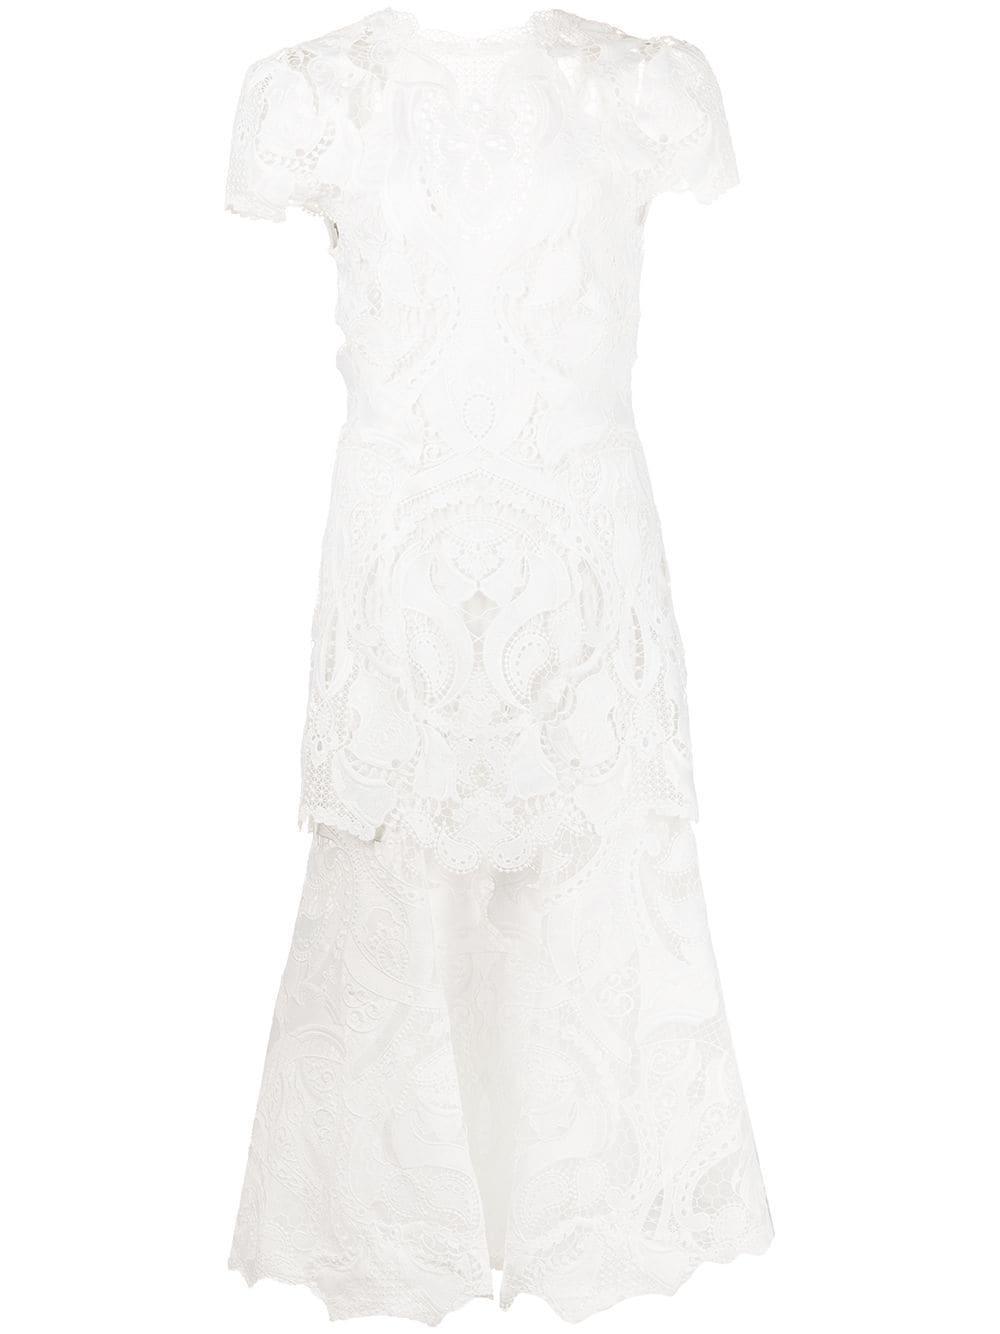 Giupure Lace Midi Dress Item # JS-1099-H